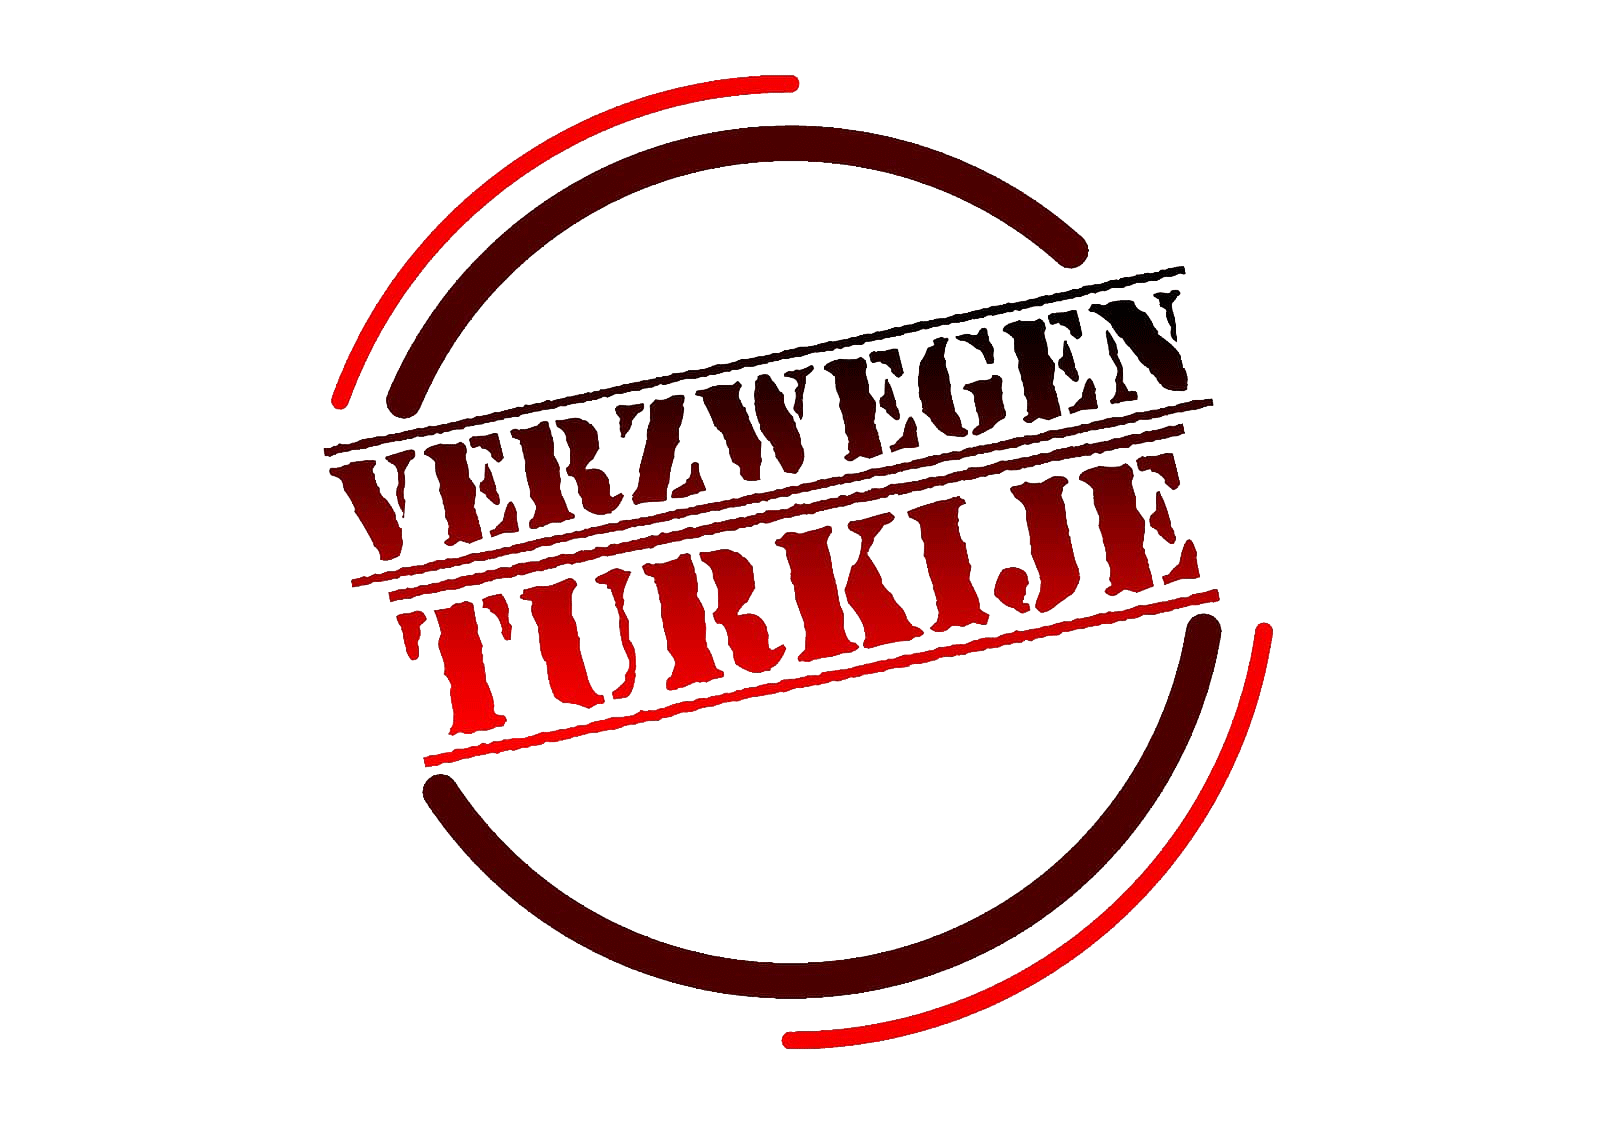 VERZWEGEN TURKIJE